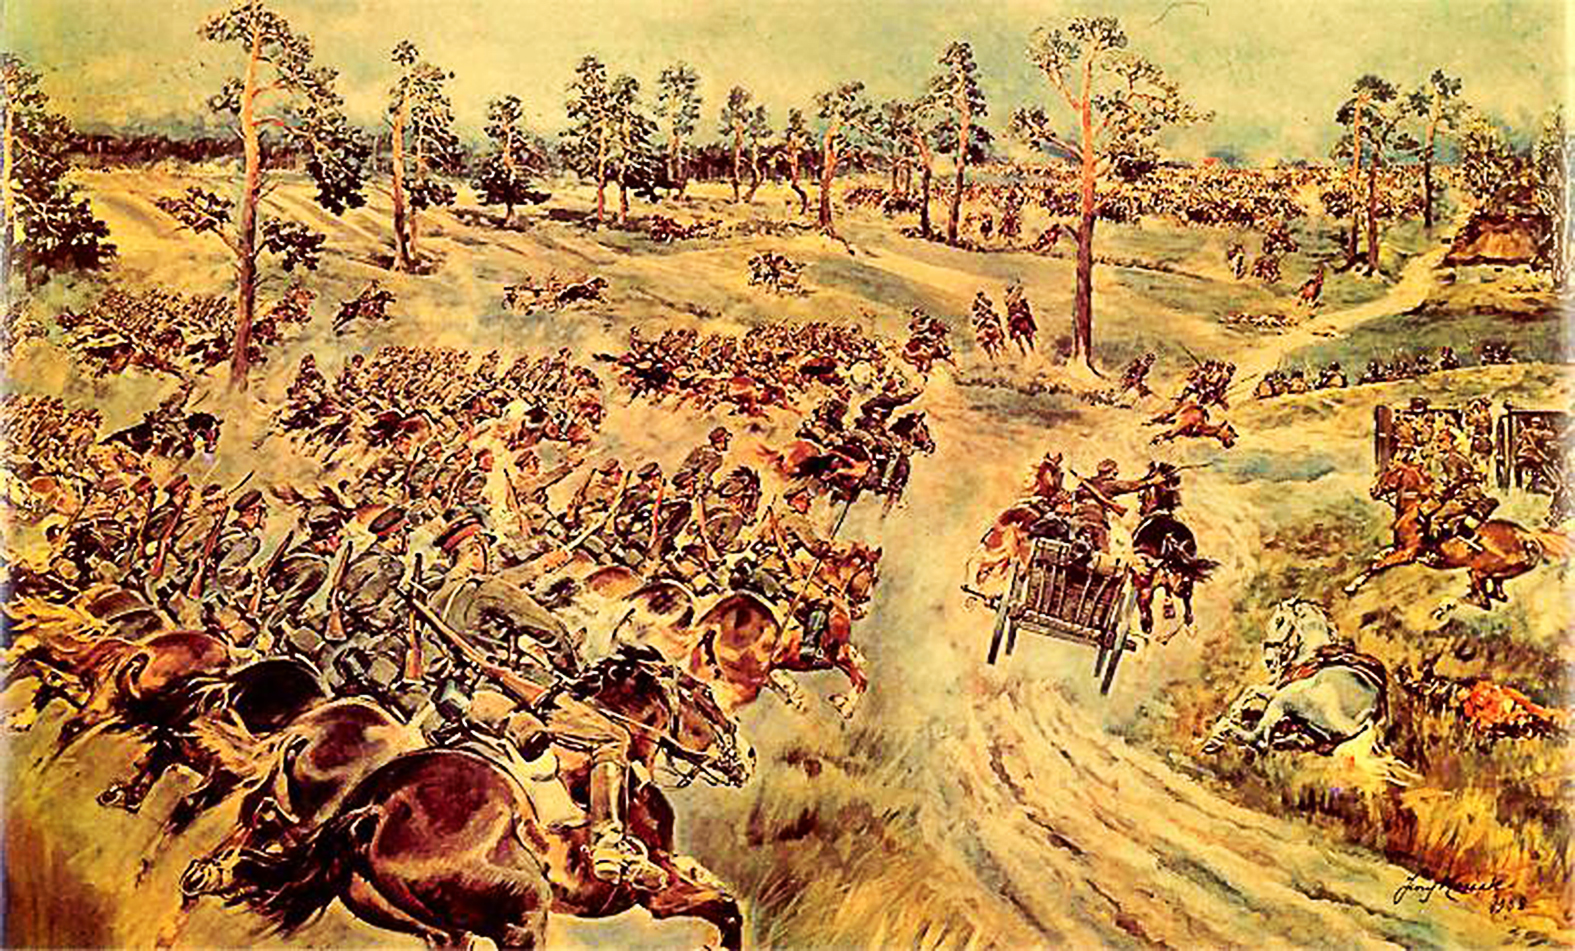 """""""Nem véletlen, hogy a lengyel történetírás hatalmas jelentőséget tulajdonít ennek a sikernek, amelyet 1813 óta a legnagyobb lovascsatának, valamint a lengyel hősiesség egyik legkiemelkedőbb bizonyítékának titulál. Sőt, a csata emlékére Lengyelországban augusztus 31-én ünneplika lengyel lovasságnapját"""" #moszkvater"""